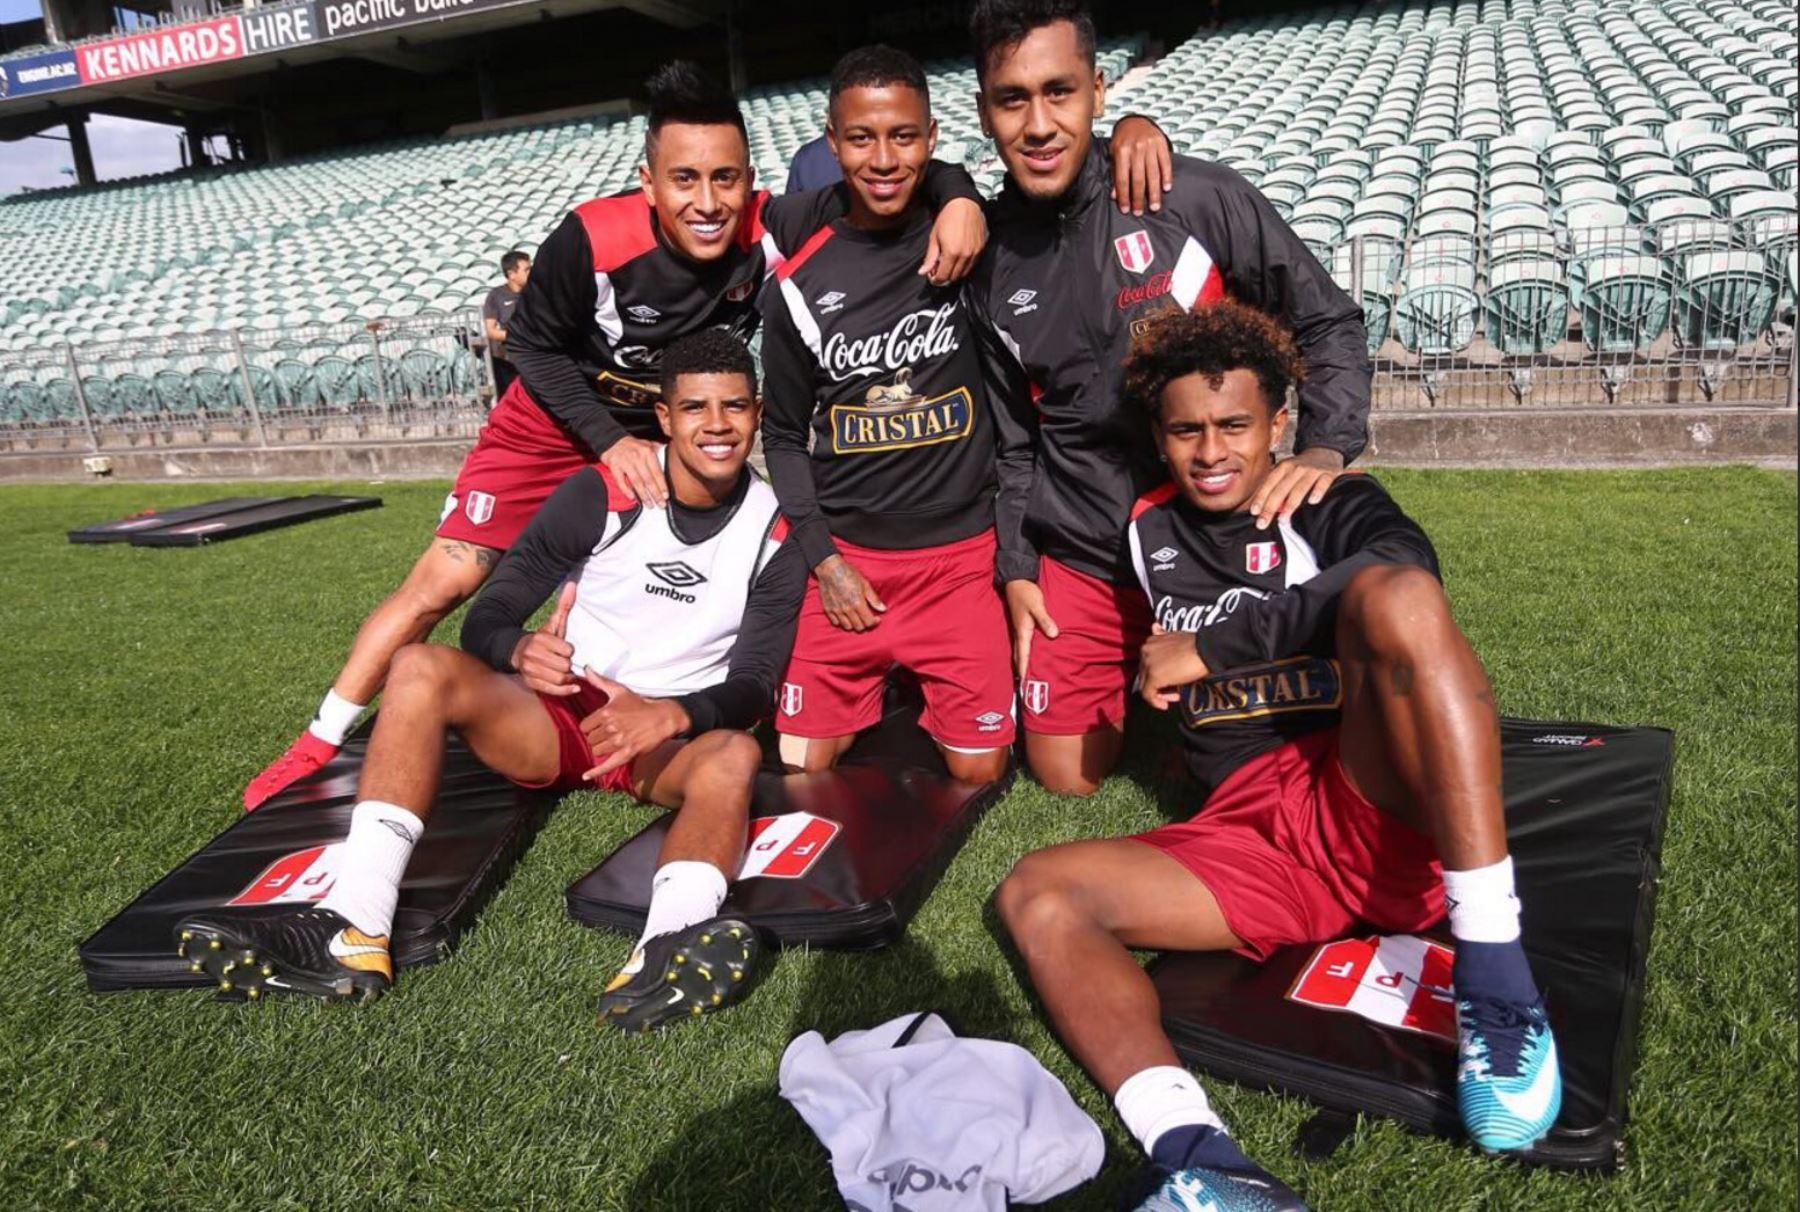 La selección peruana de fútbol realiza su primer entrenamiento en Nueva Zelanda. Foto: ANDINA/ FPF